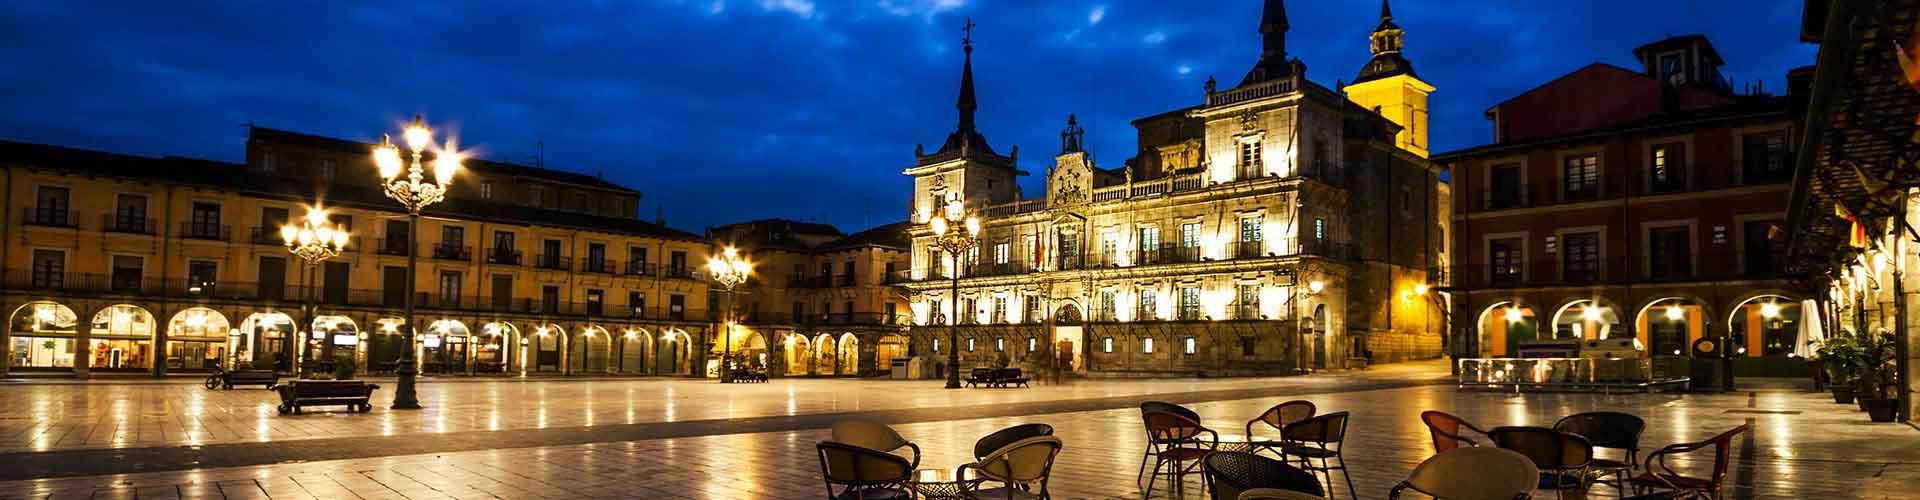 Leon - Hôtels à Leon. Cartes pour Leon, photos et commentaires pour chaque hôtel à Leon.